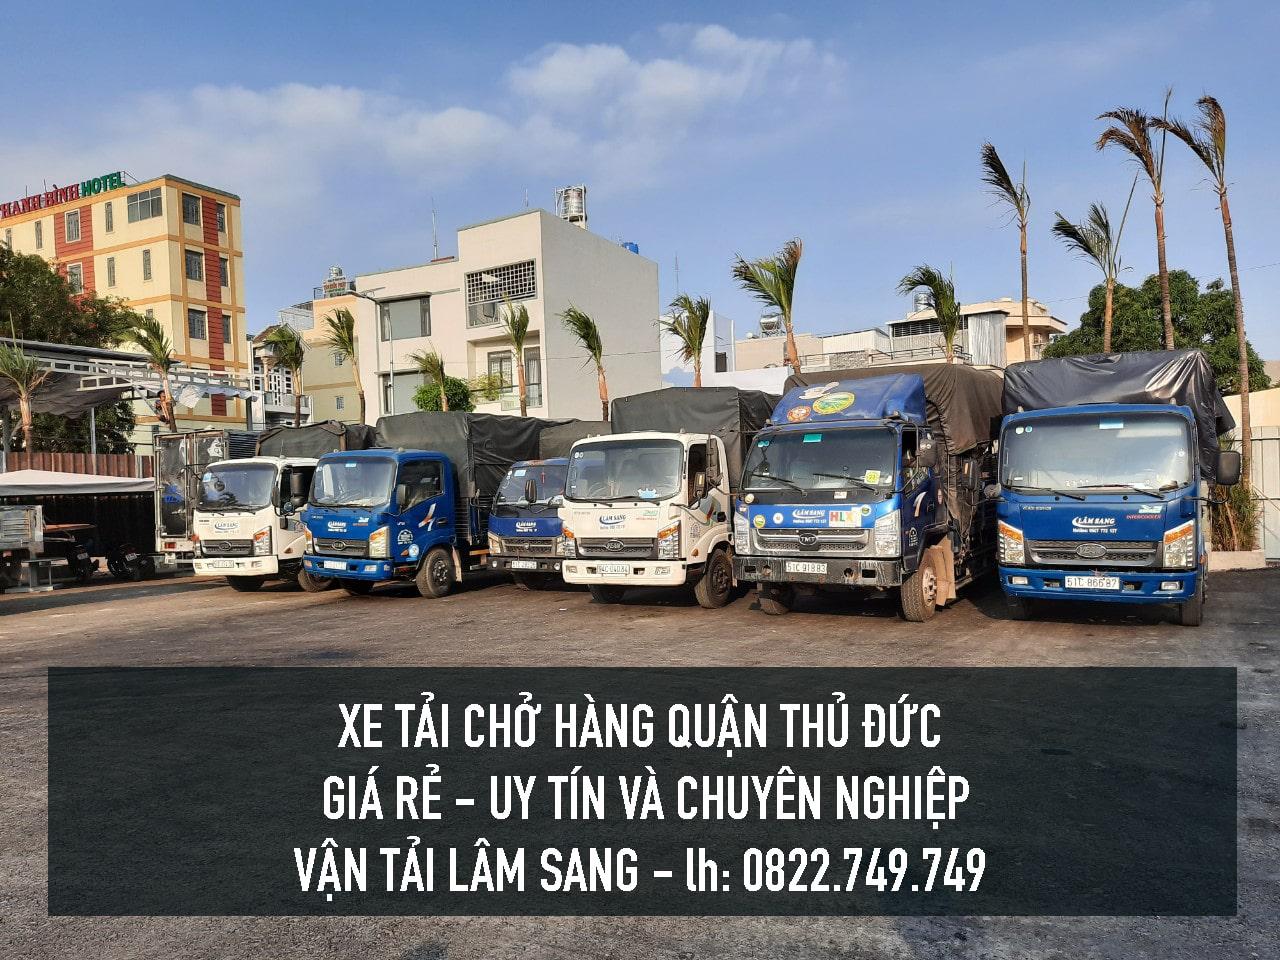 Xe tải chở hàng tại Huyện Nhà Bè giá rẻ và chuyên nghiệp